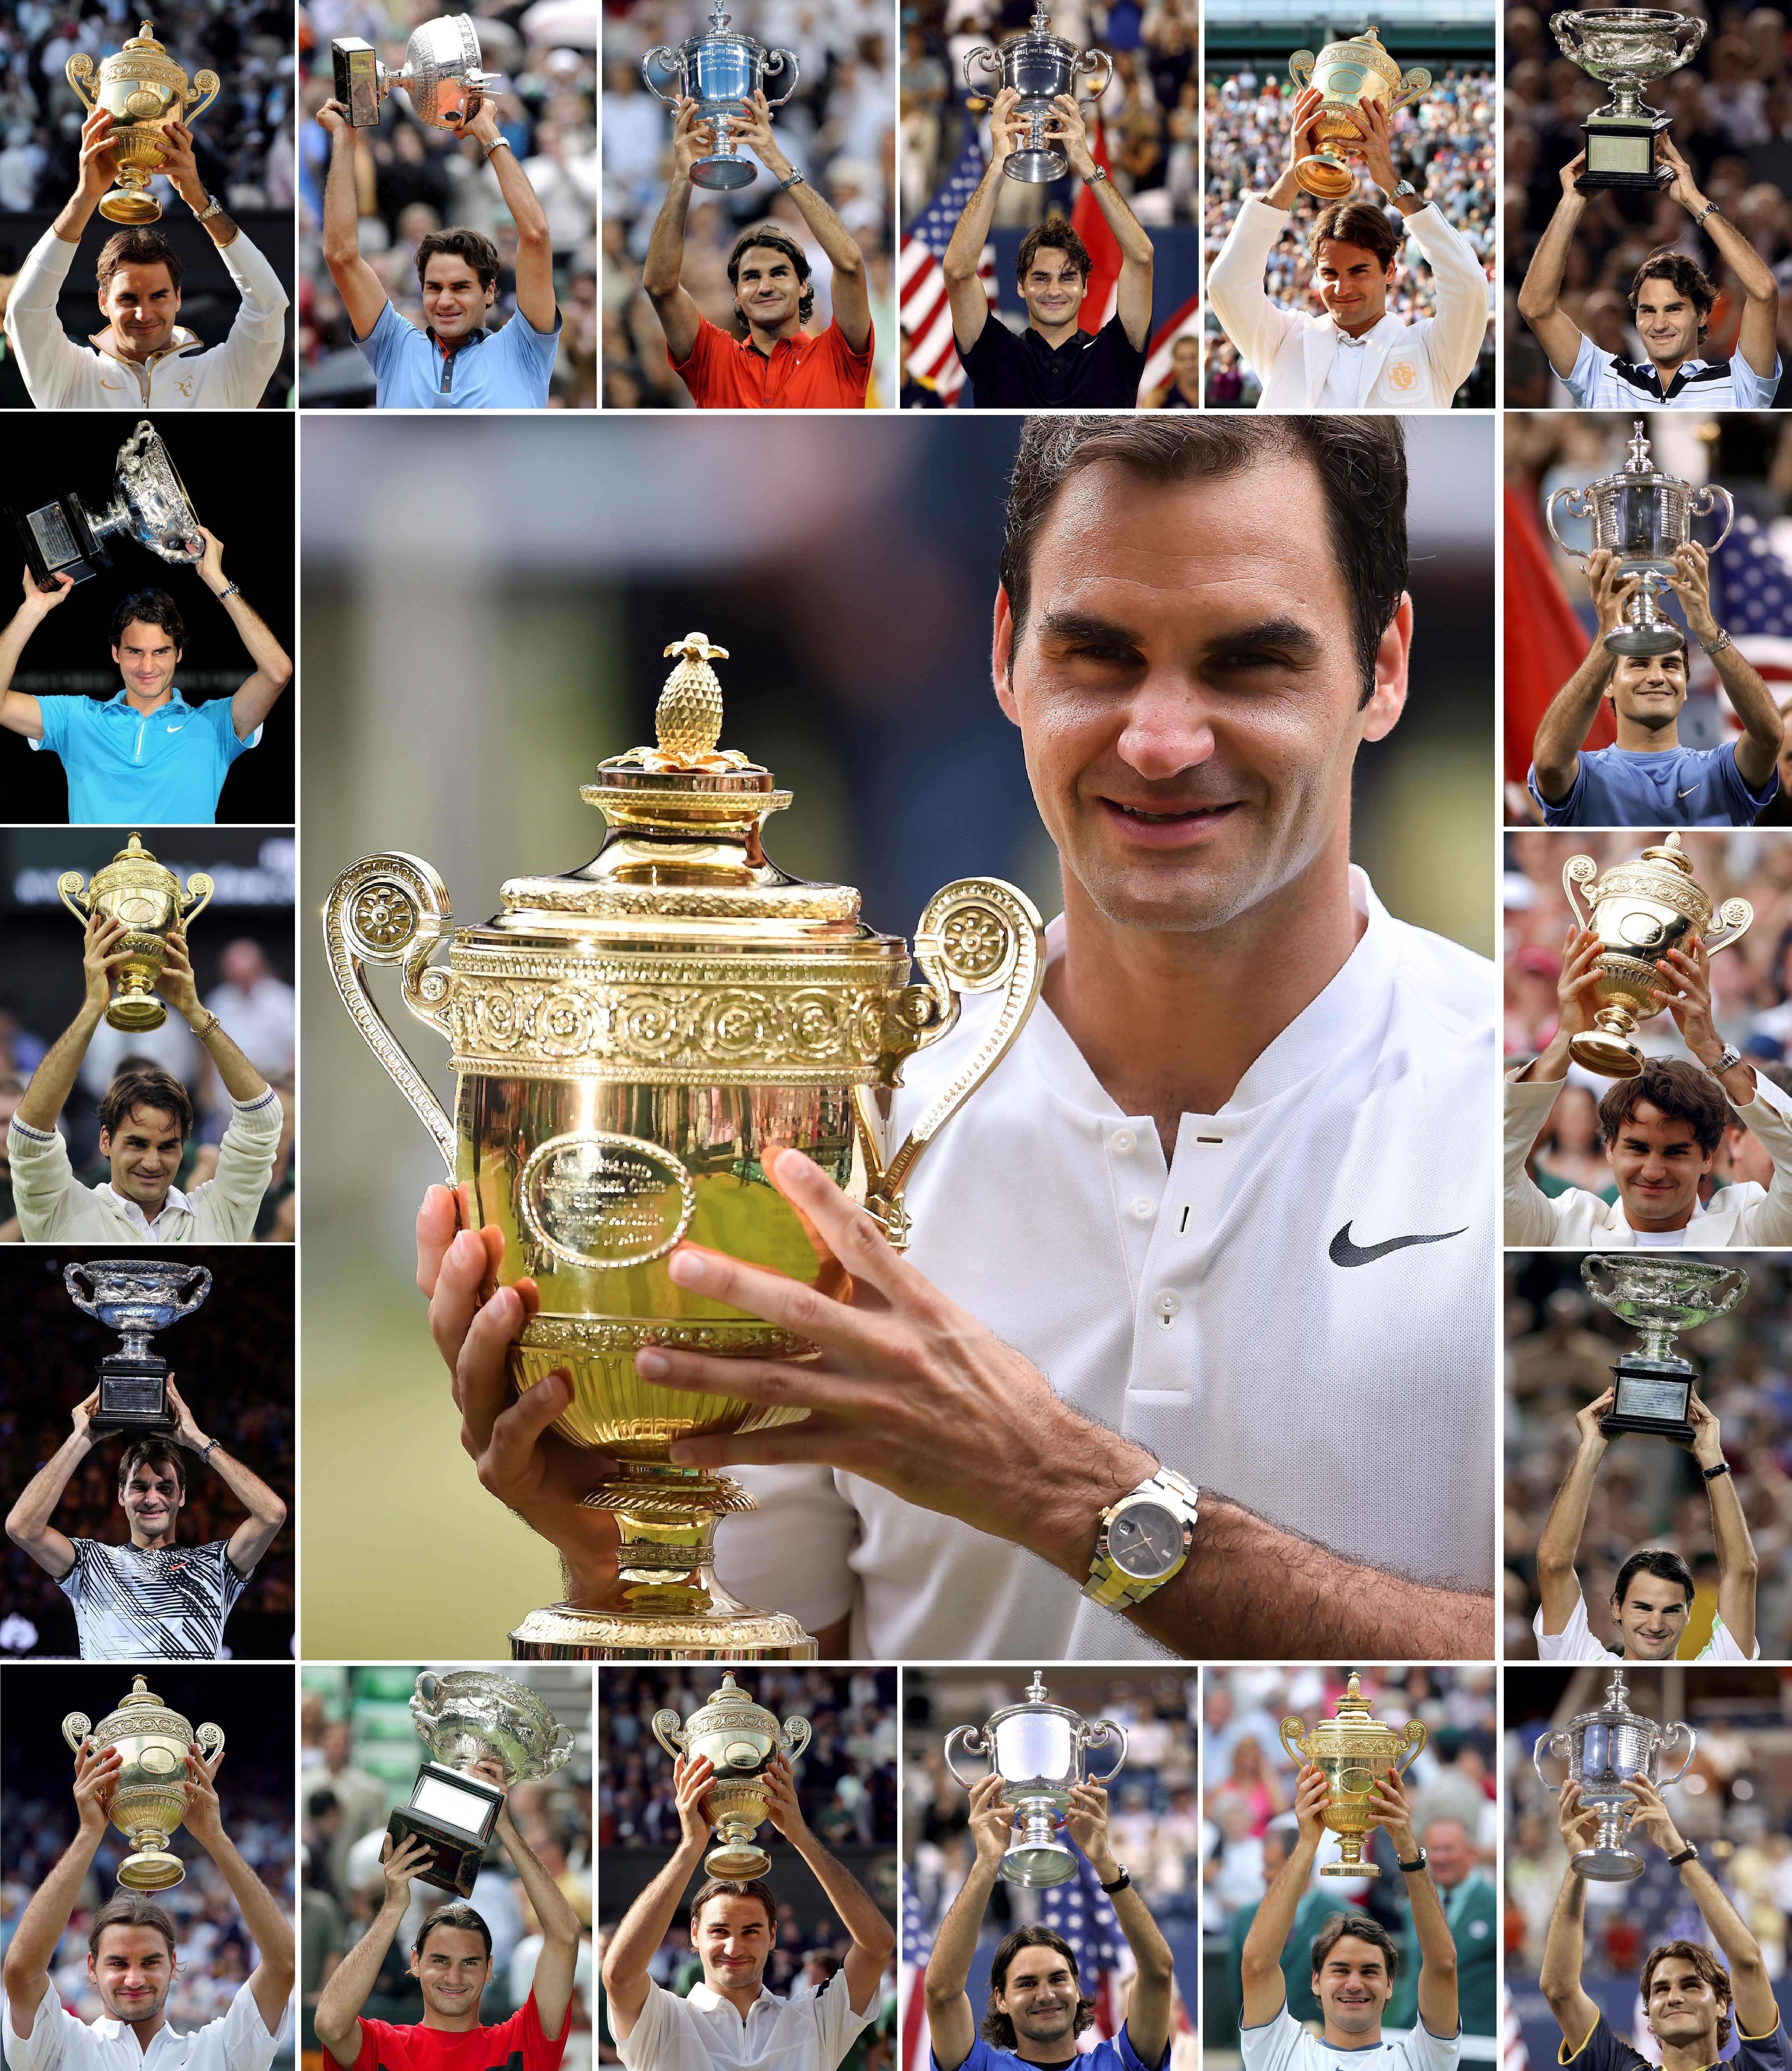 Roger Federer Grand Slam haul.